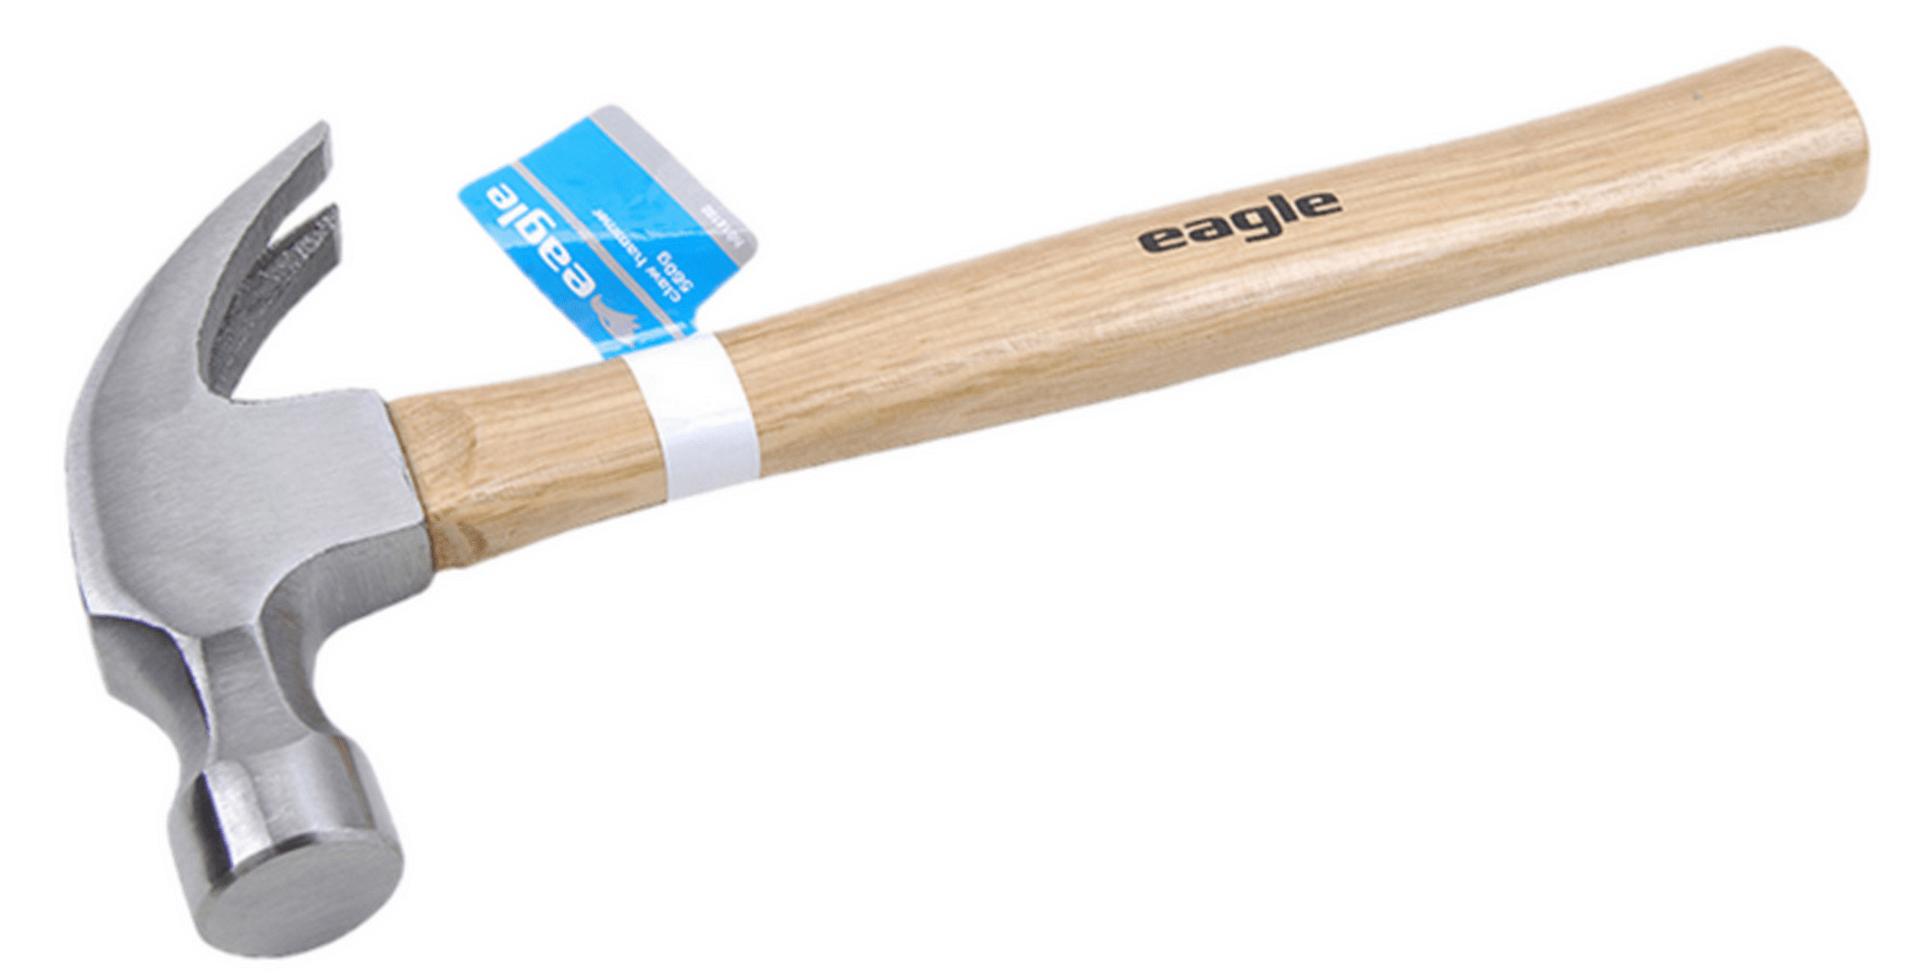 Eagle Claw hammer 560g...